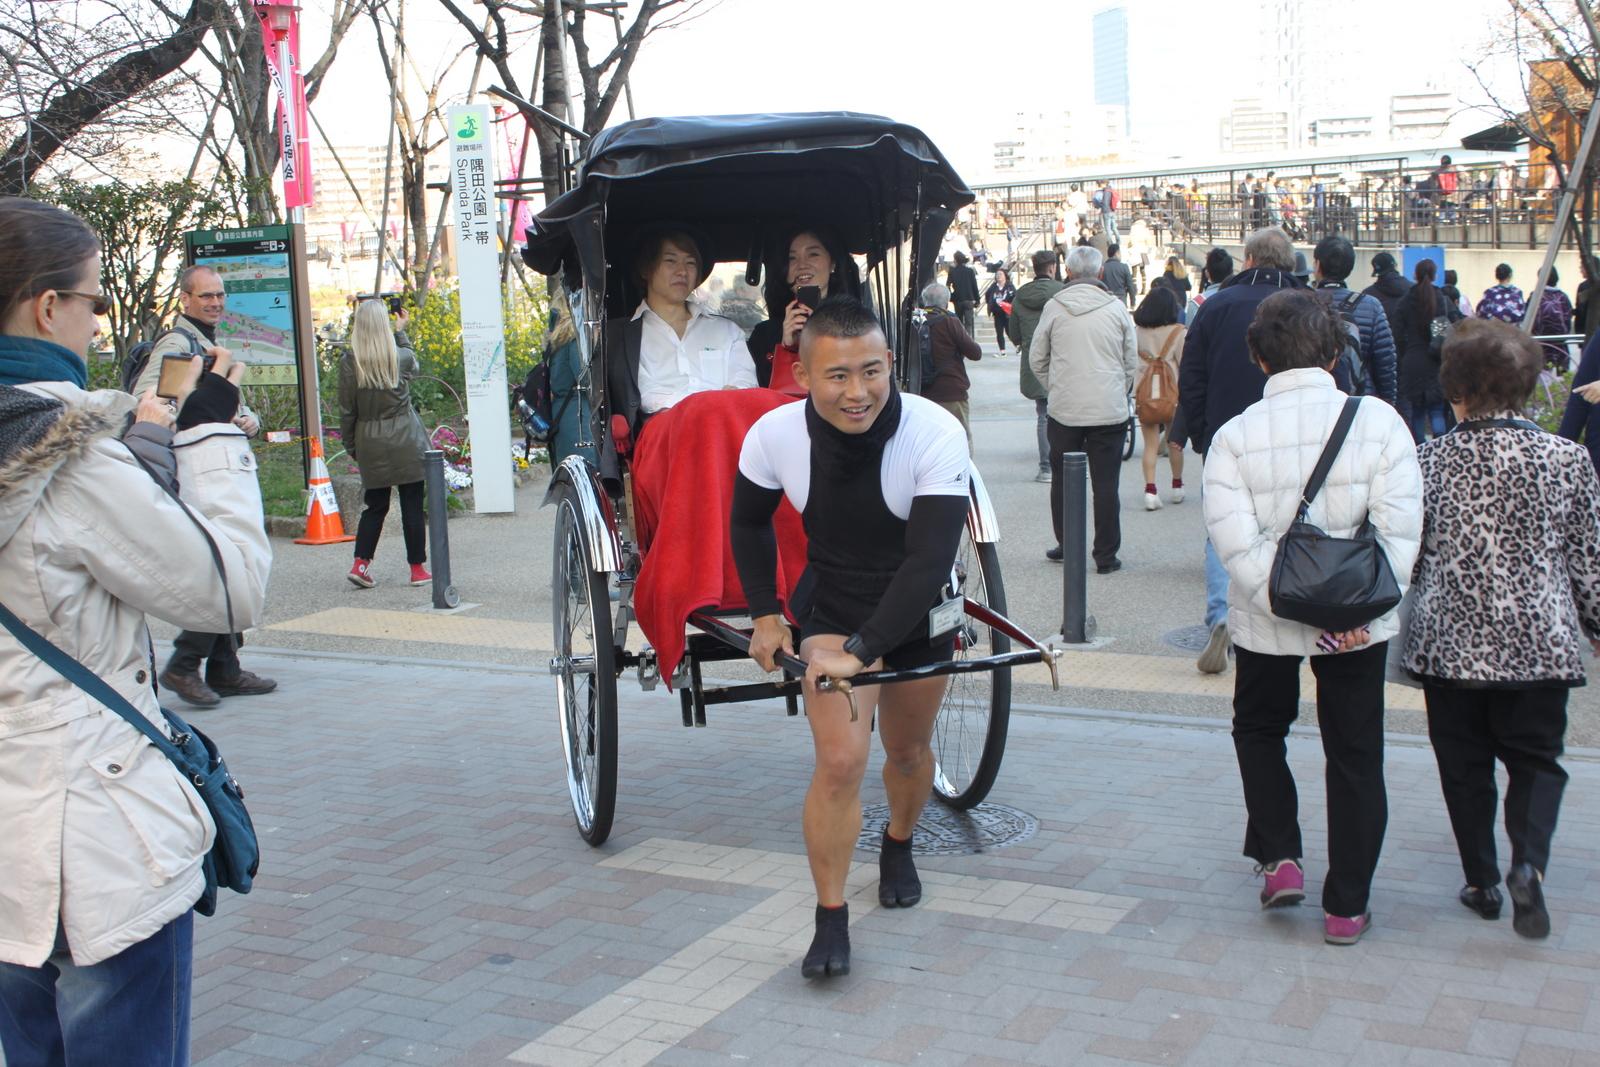 Rikschafahrer in Tokyo